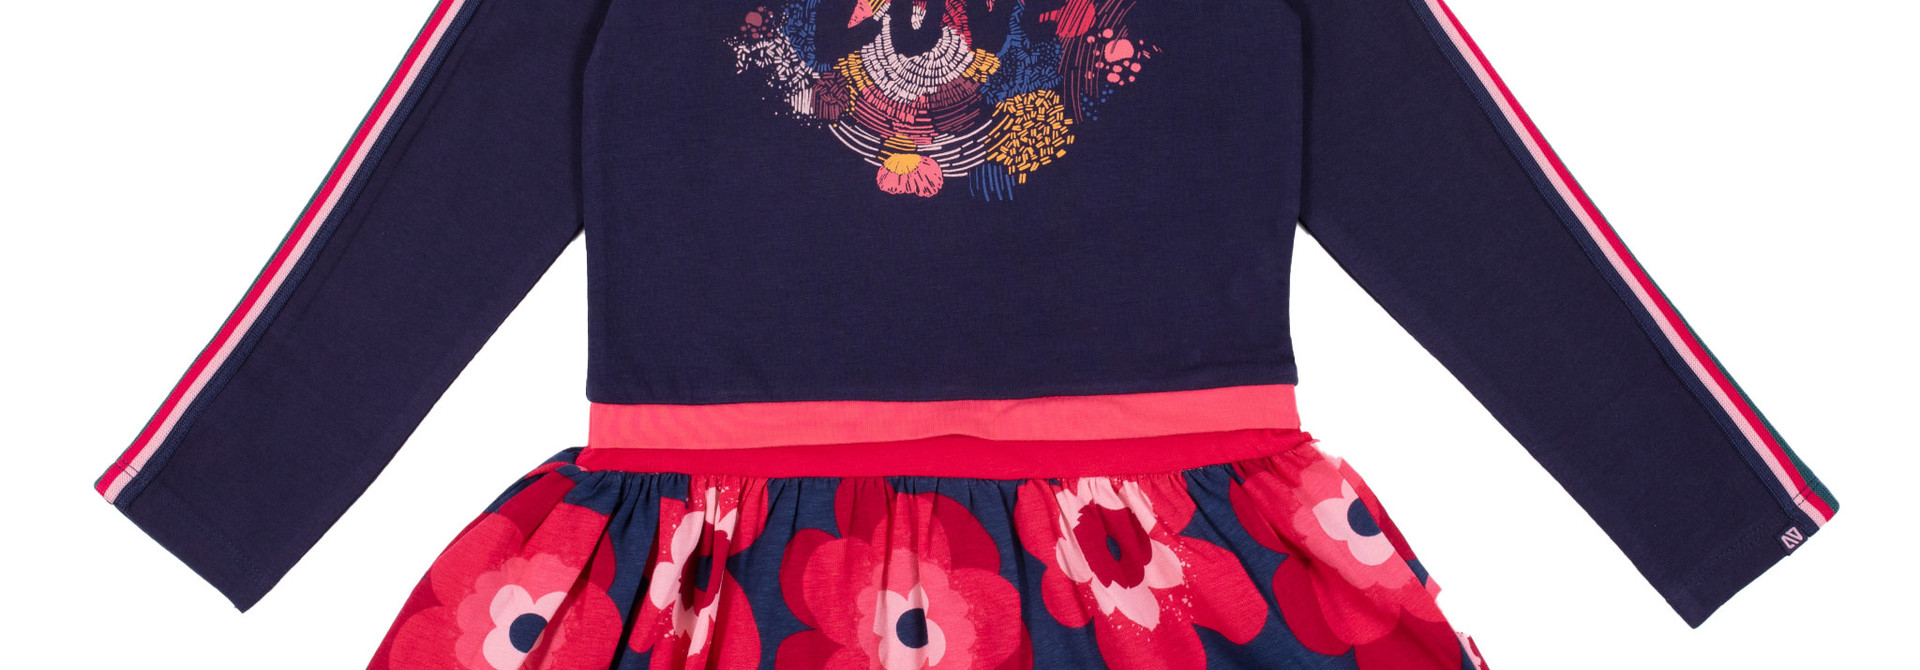 Robe collection Pop Rétro